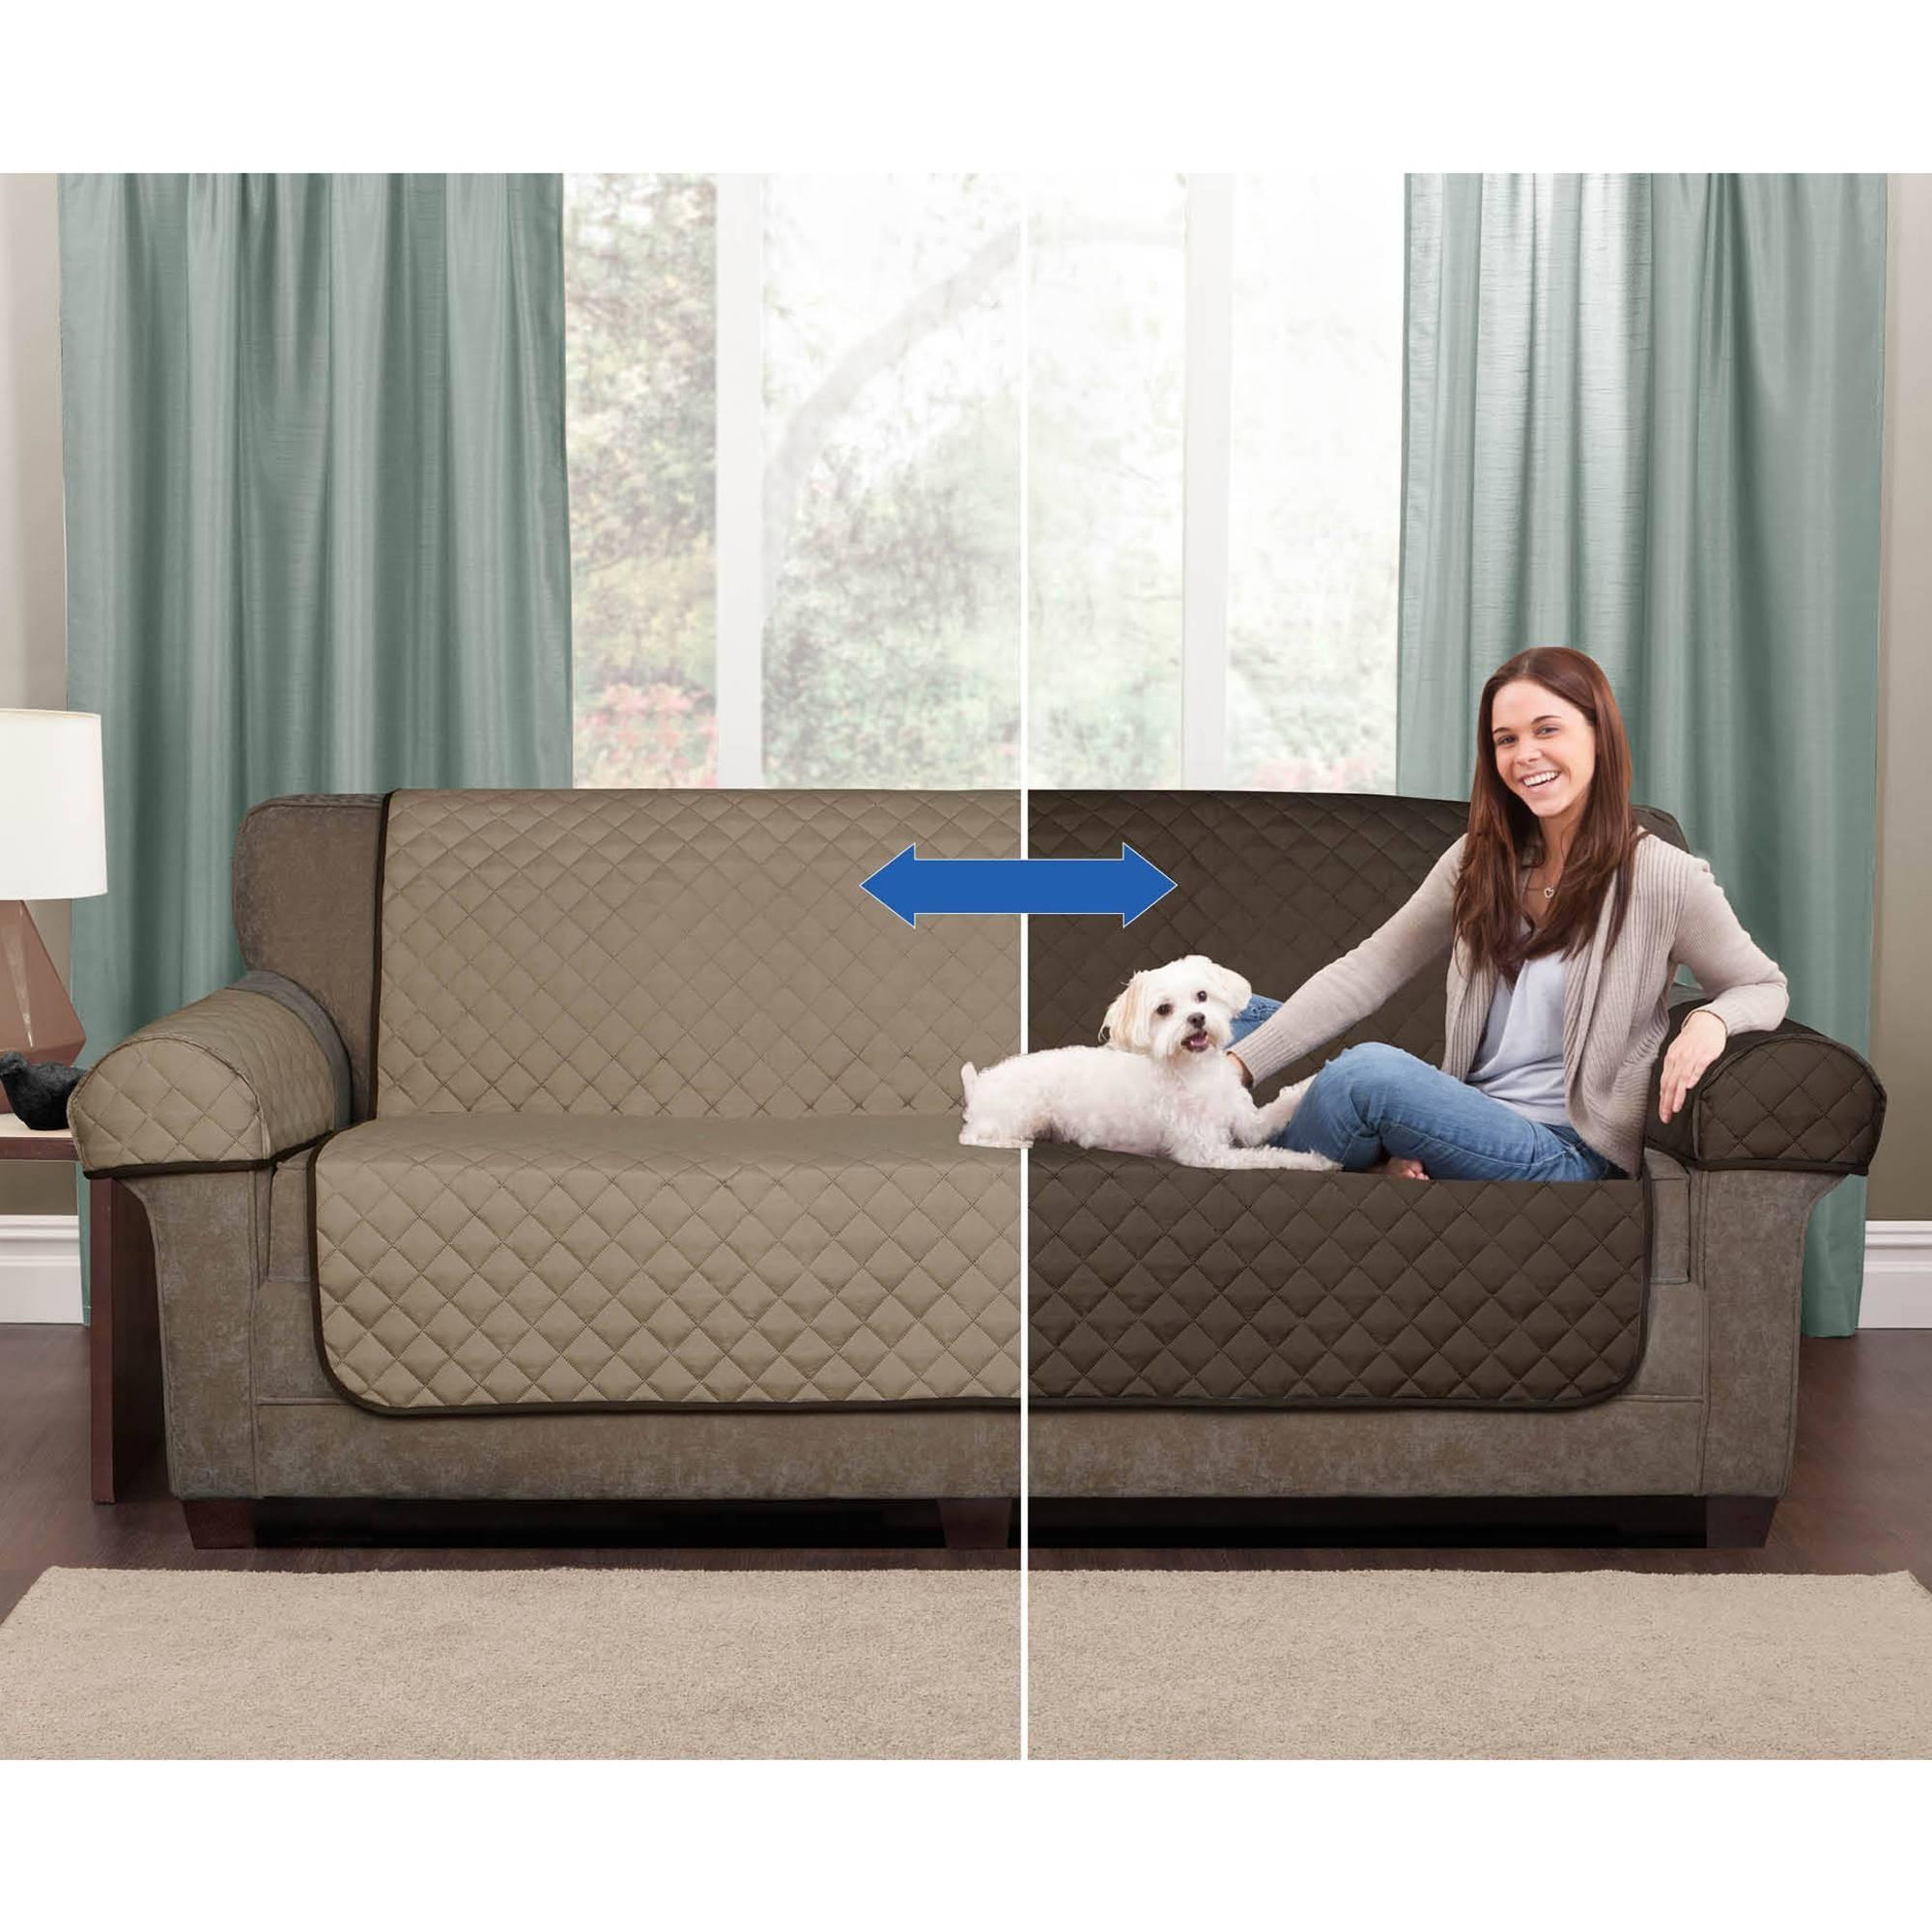 Oversized Sofa Covers | Tehranmix Decoration regarding Large Sofa Slipcovers (Image 13 of 30)